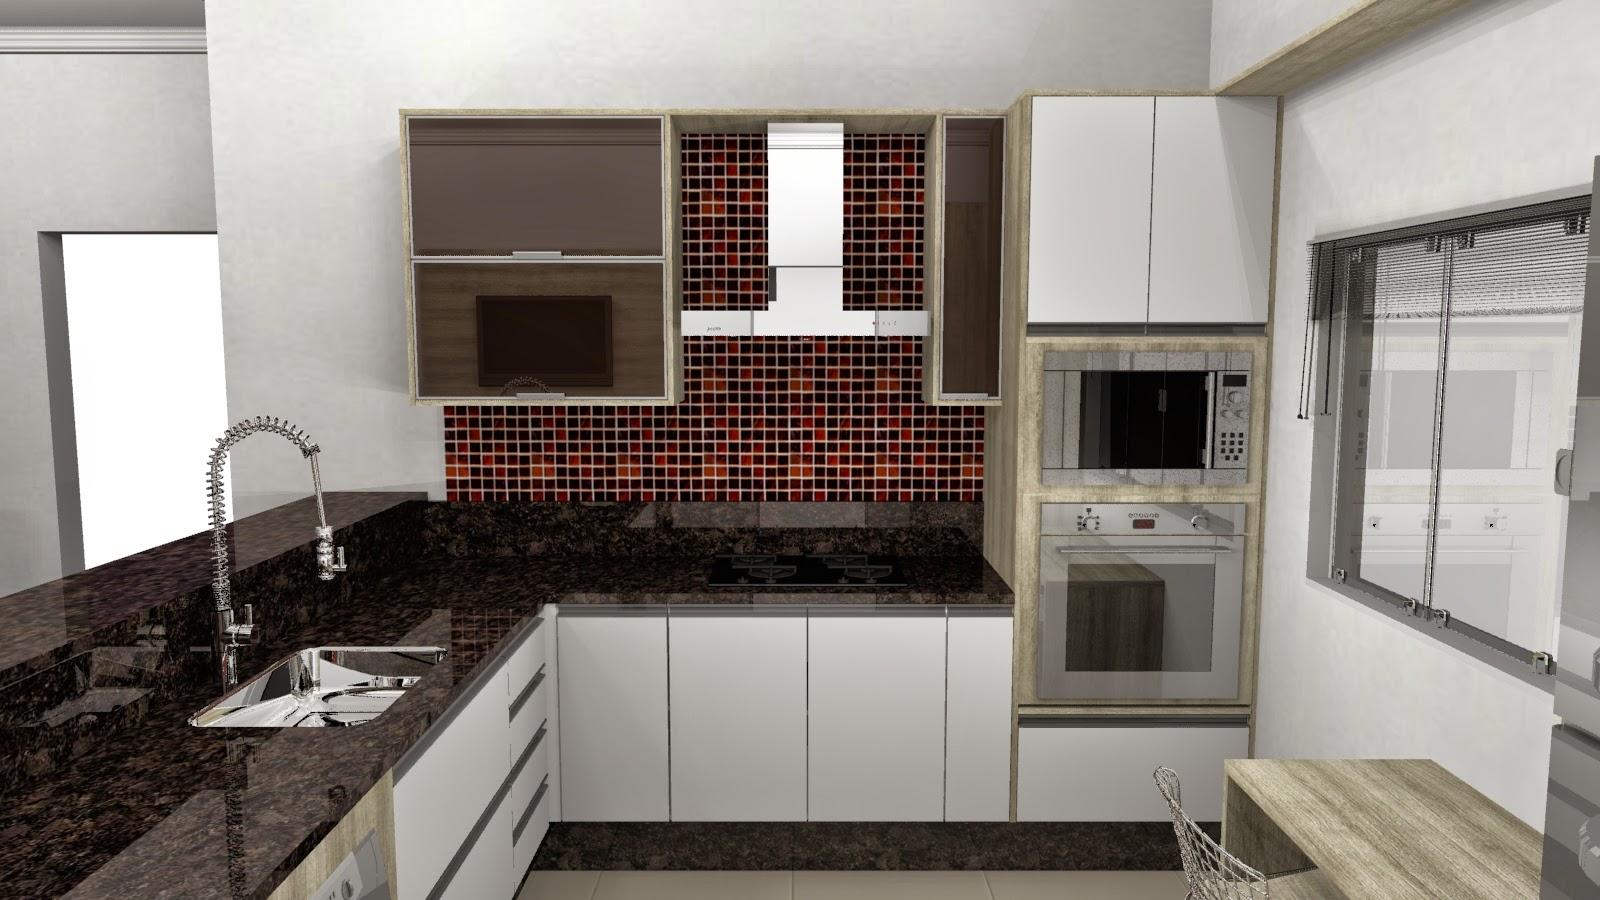 #5F4740  de cor e como o marido queria colocar tons de vermelho na cozinha 1600x900 px Projeto De Cozinha Pequena Linear_4743 Imagens